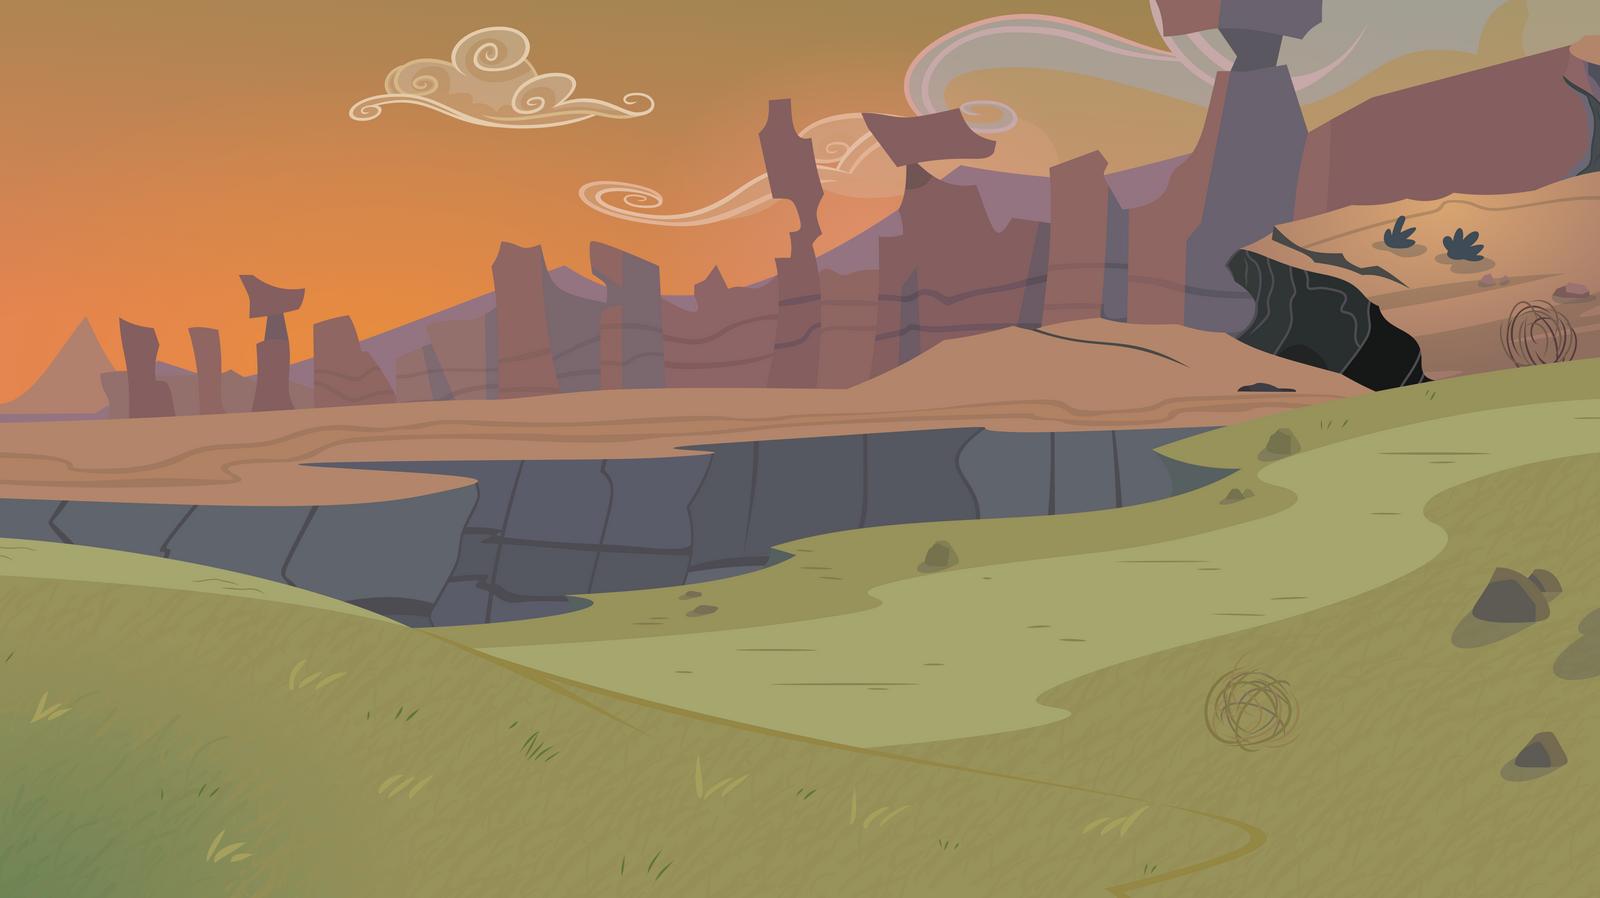 Edge of Equestria by Reginault